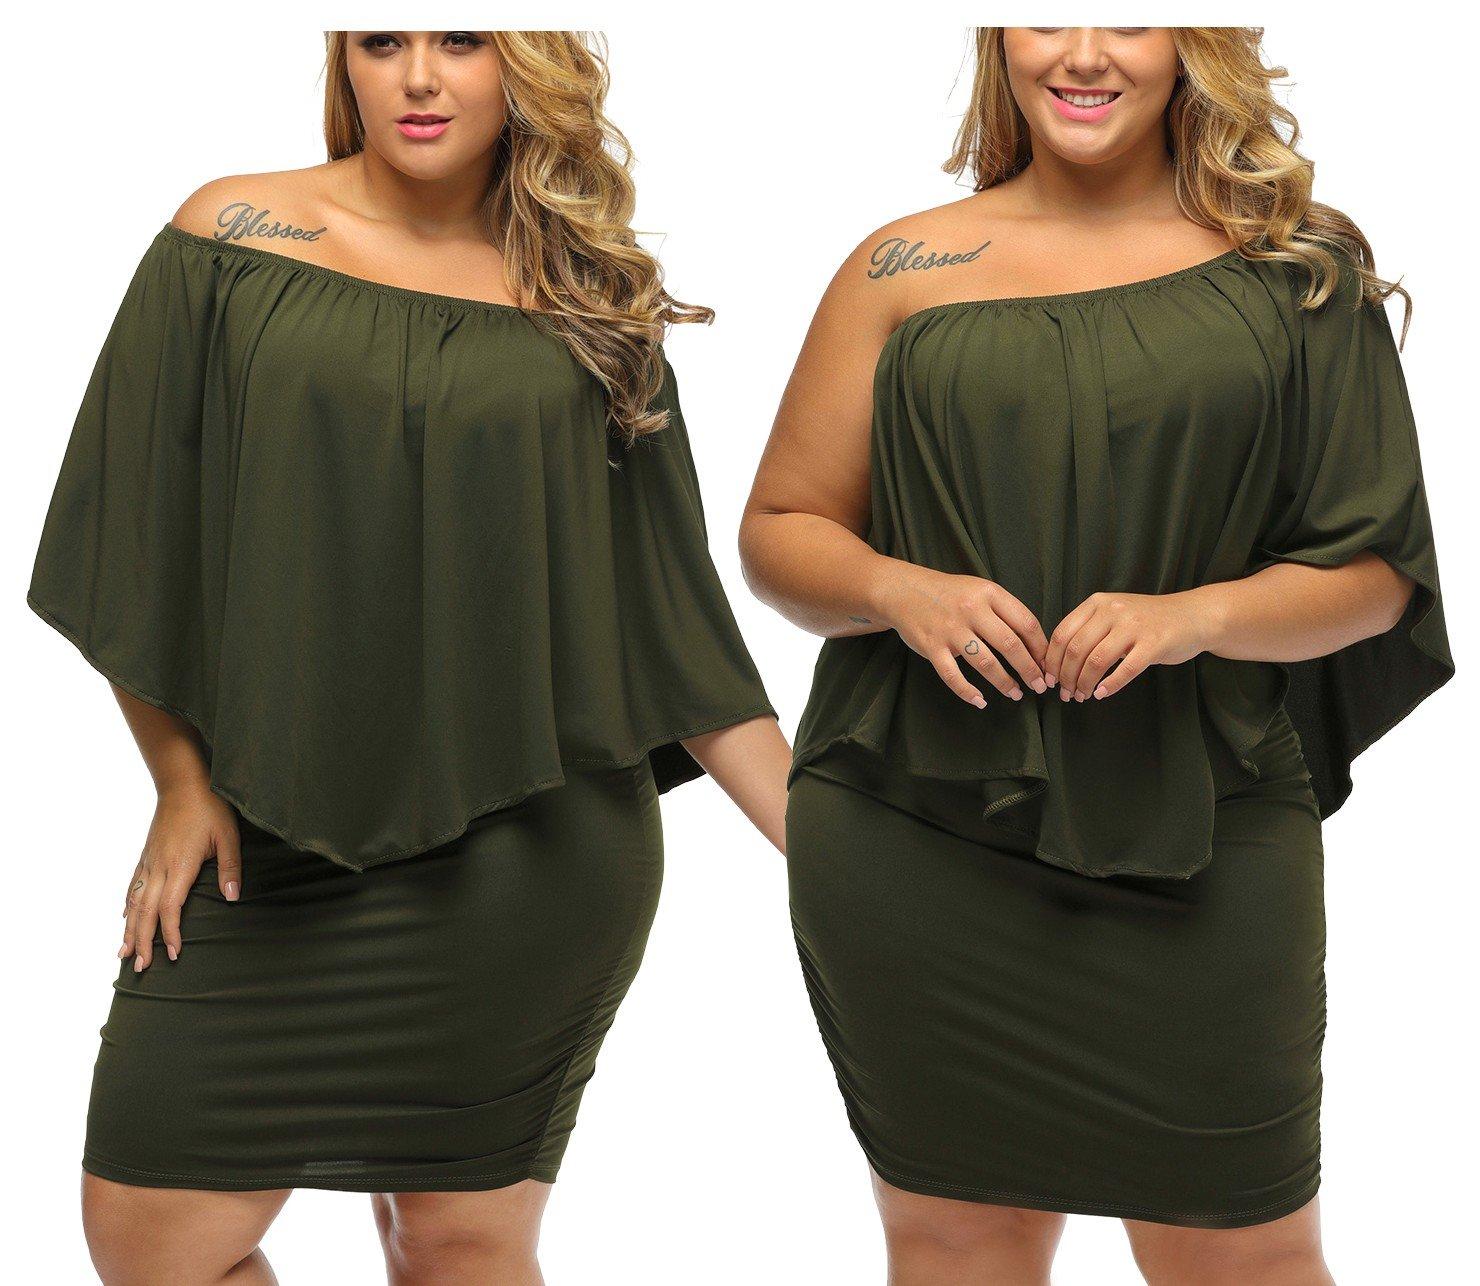 ea089c0541 Khaki army sukienka wyszczuplająca Plus Size 2XL - 6678056745 ...